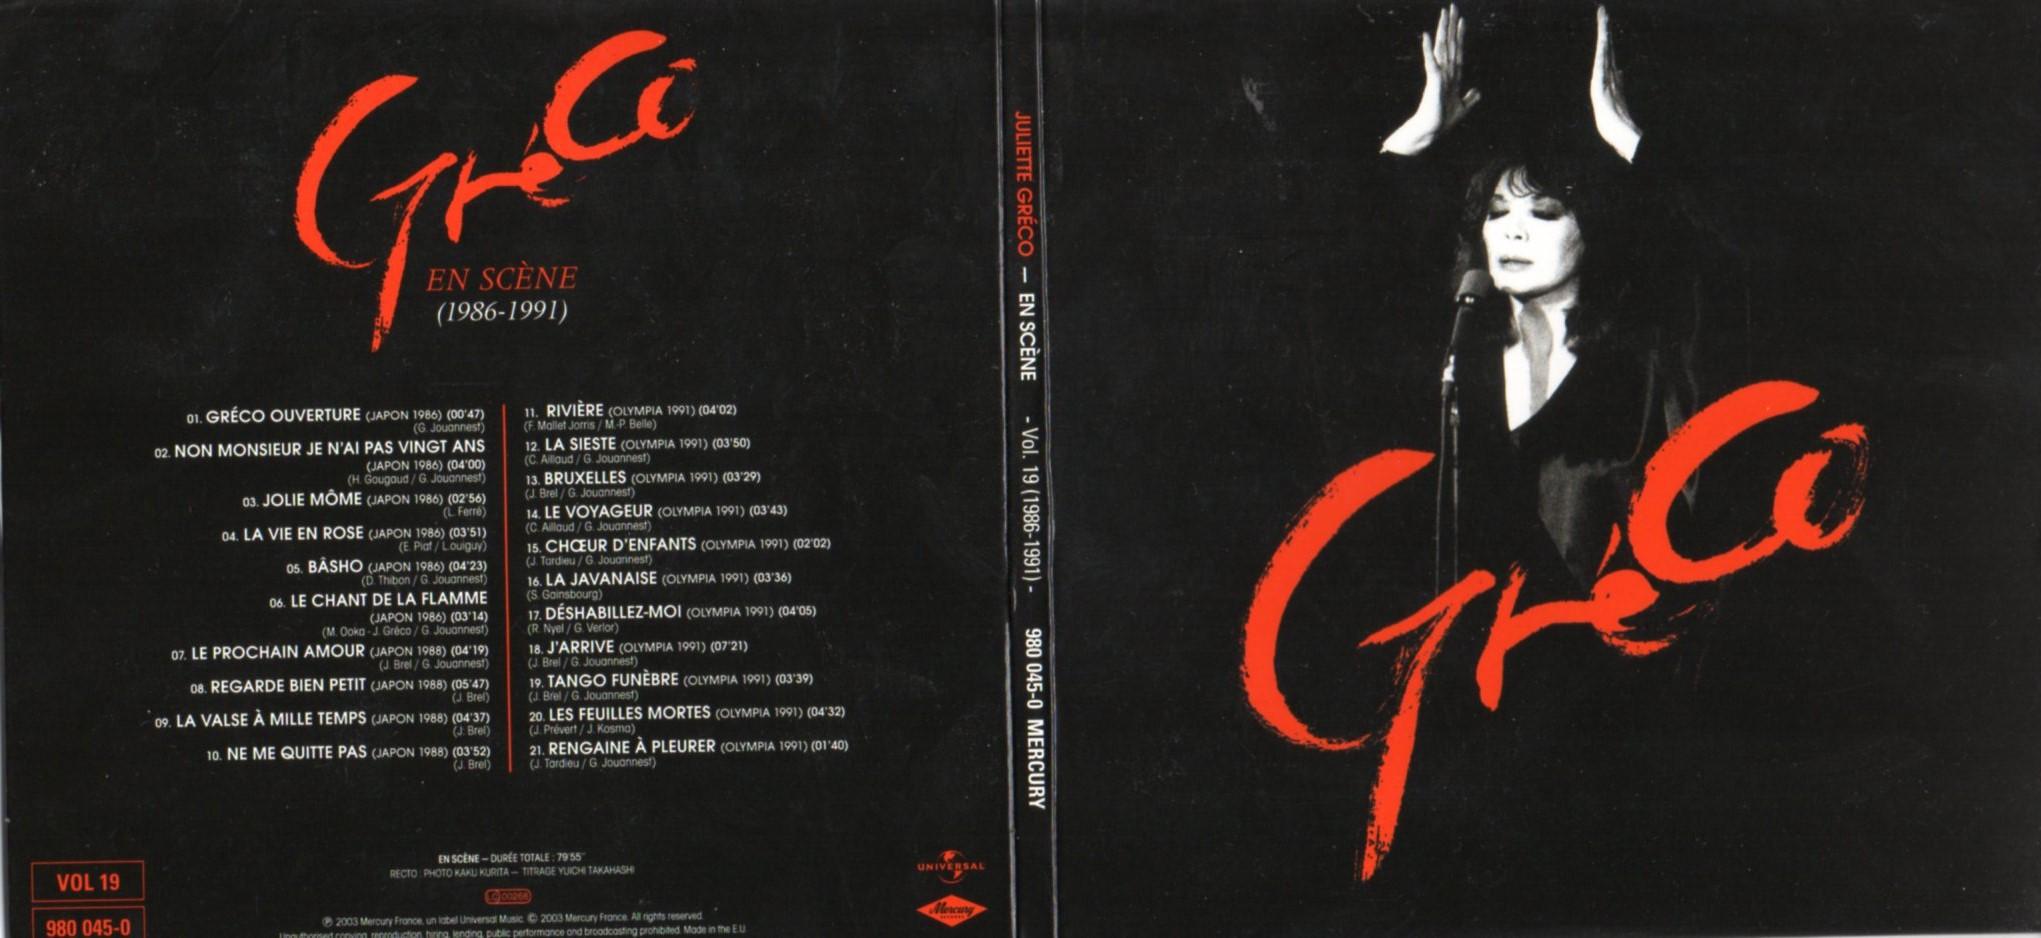 JULIETTE GRÉCO - En scène (Japon - Olympia)  (1986-1991) Gatefold Card board sleeve - CD